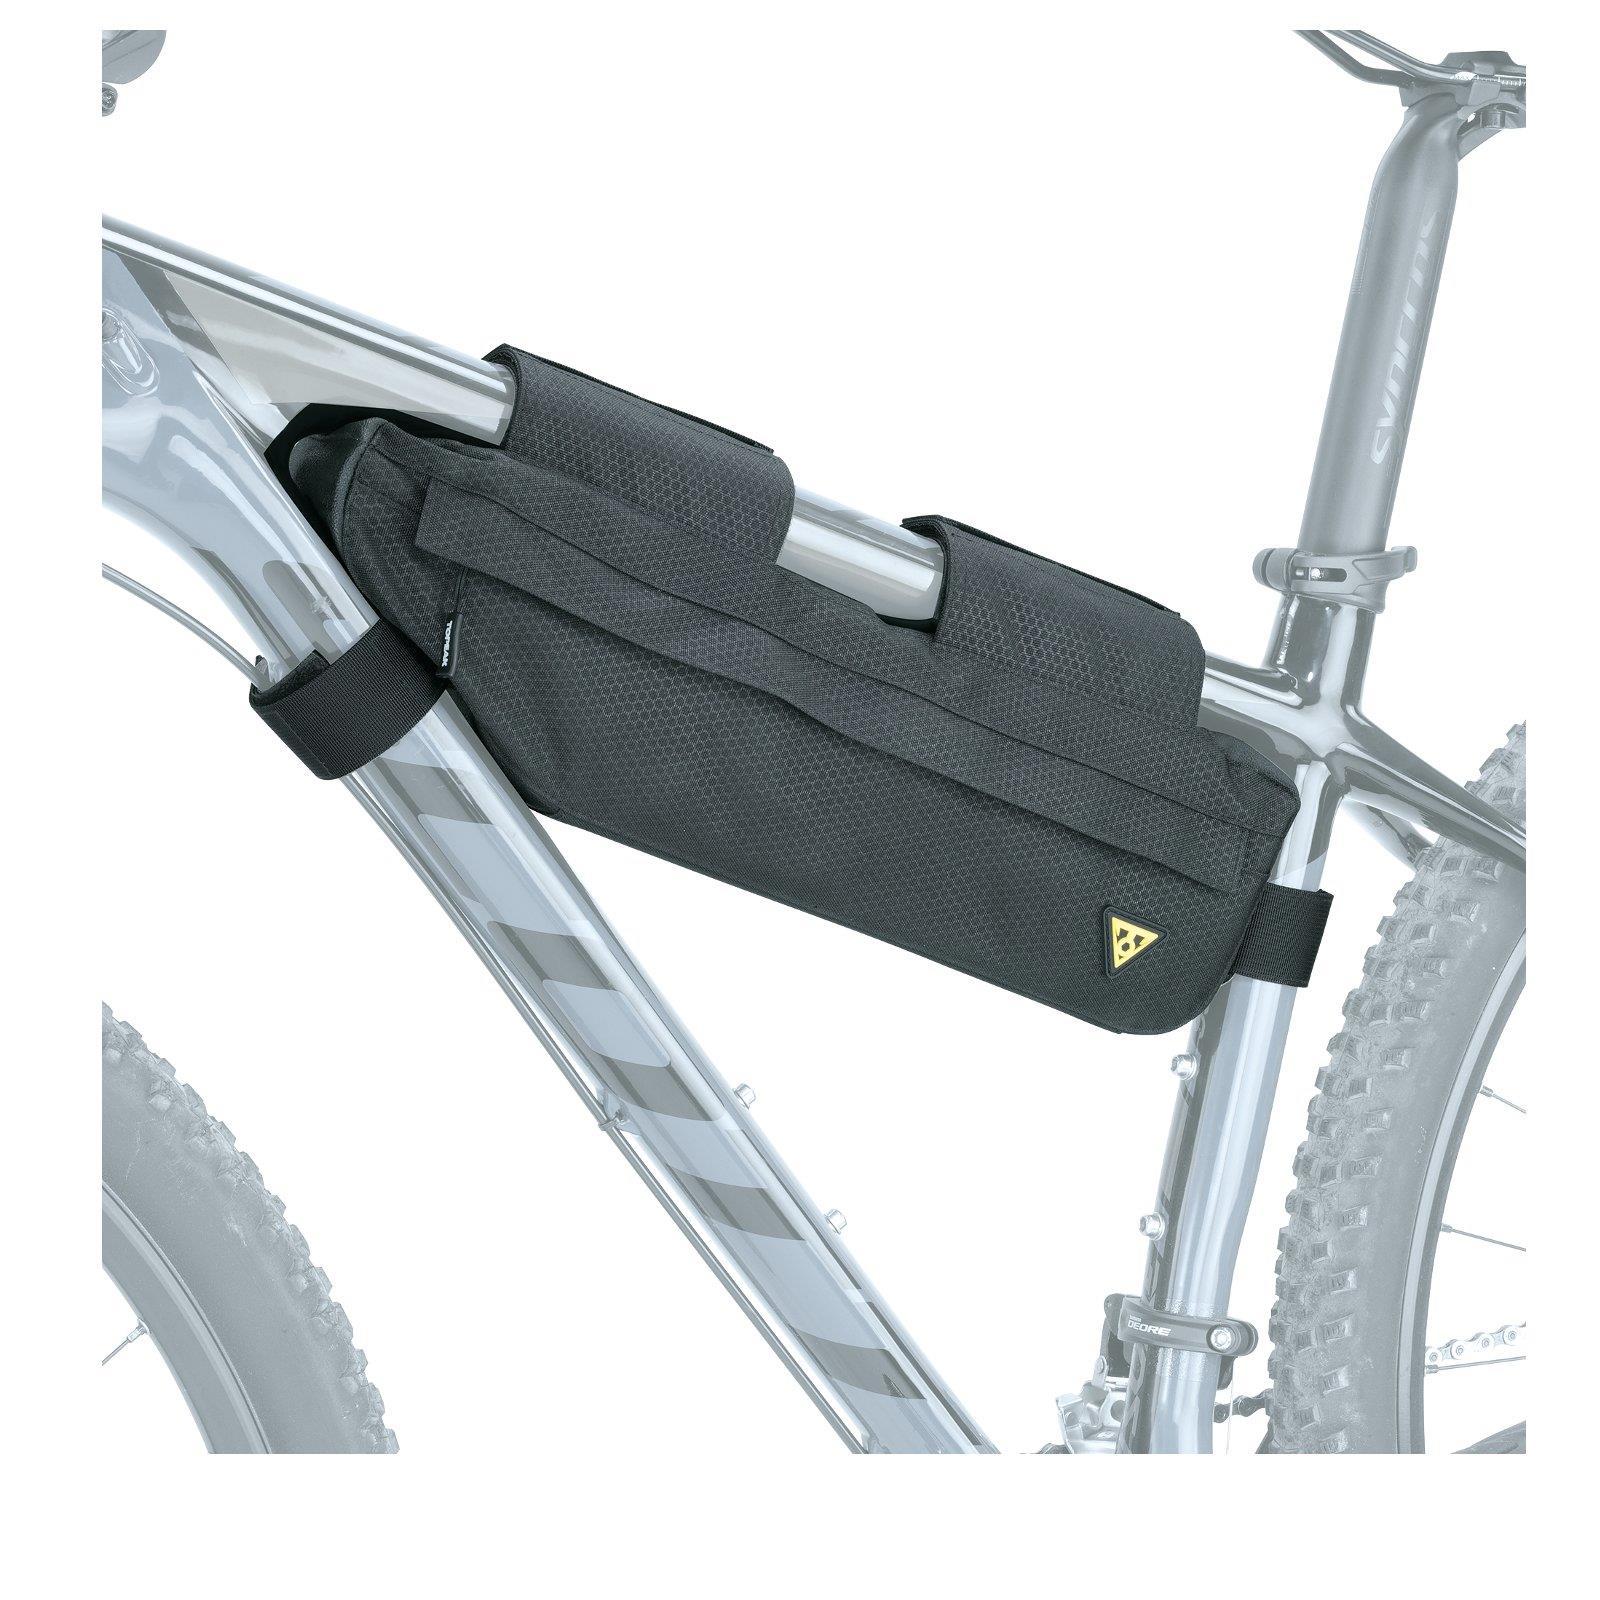 Topeak Midloader Fahrrad Rahmen Tasche Wasserabweisend 3 / 4,5/ 6 ...